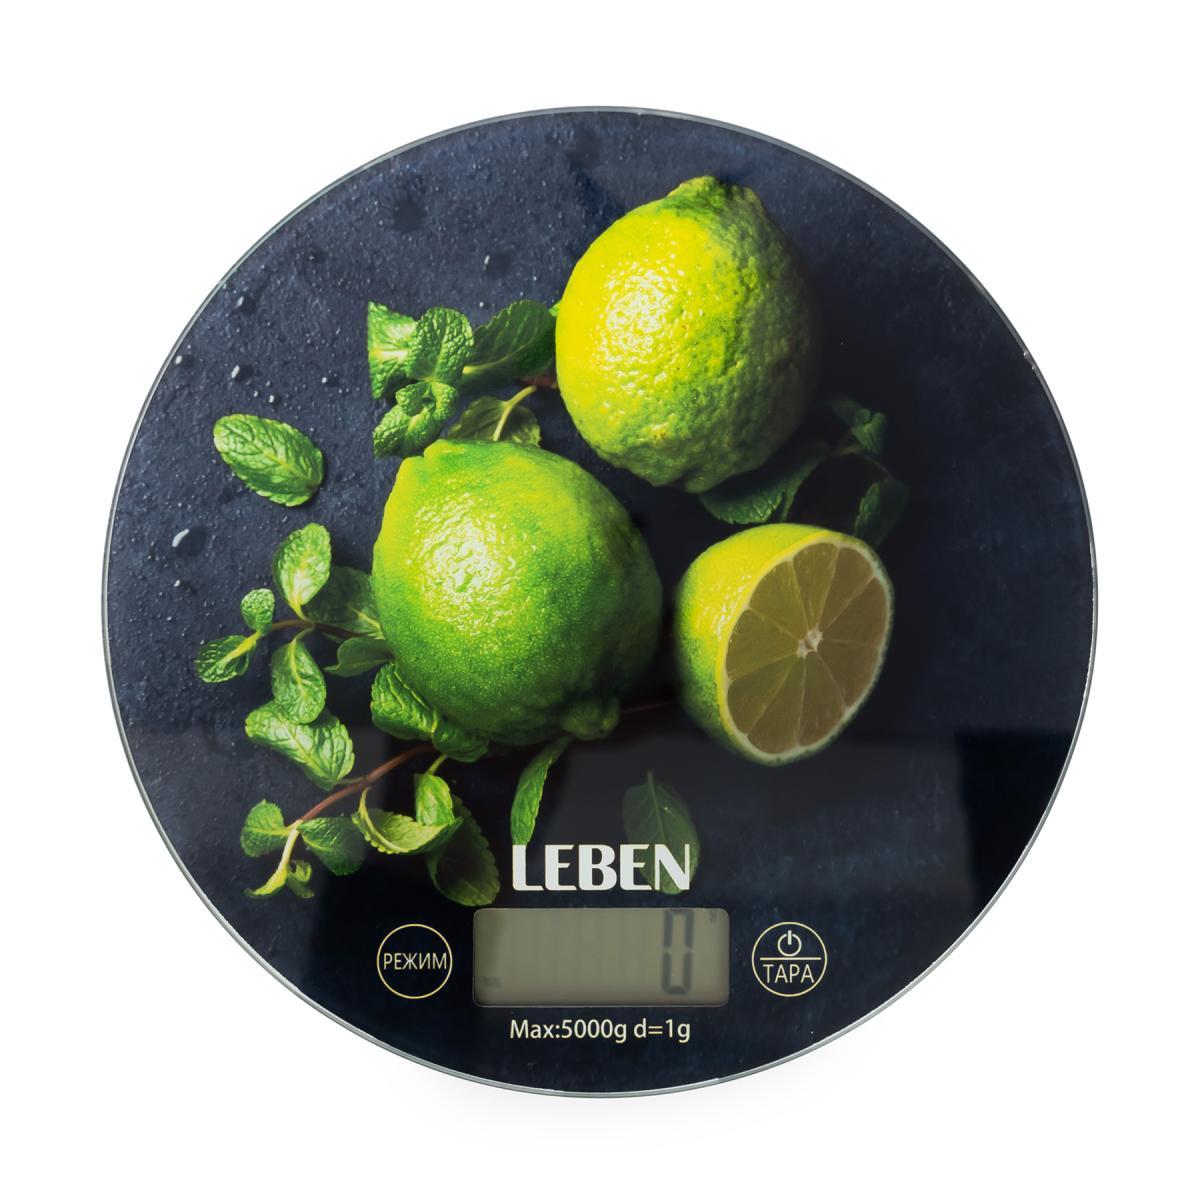 """Кухонные весы """"Leben""""  0"""